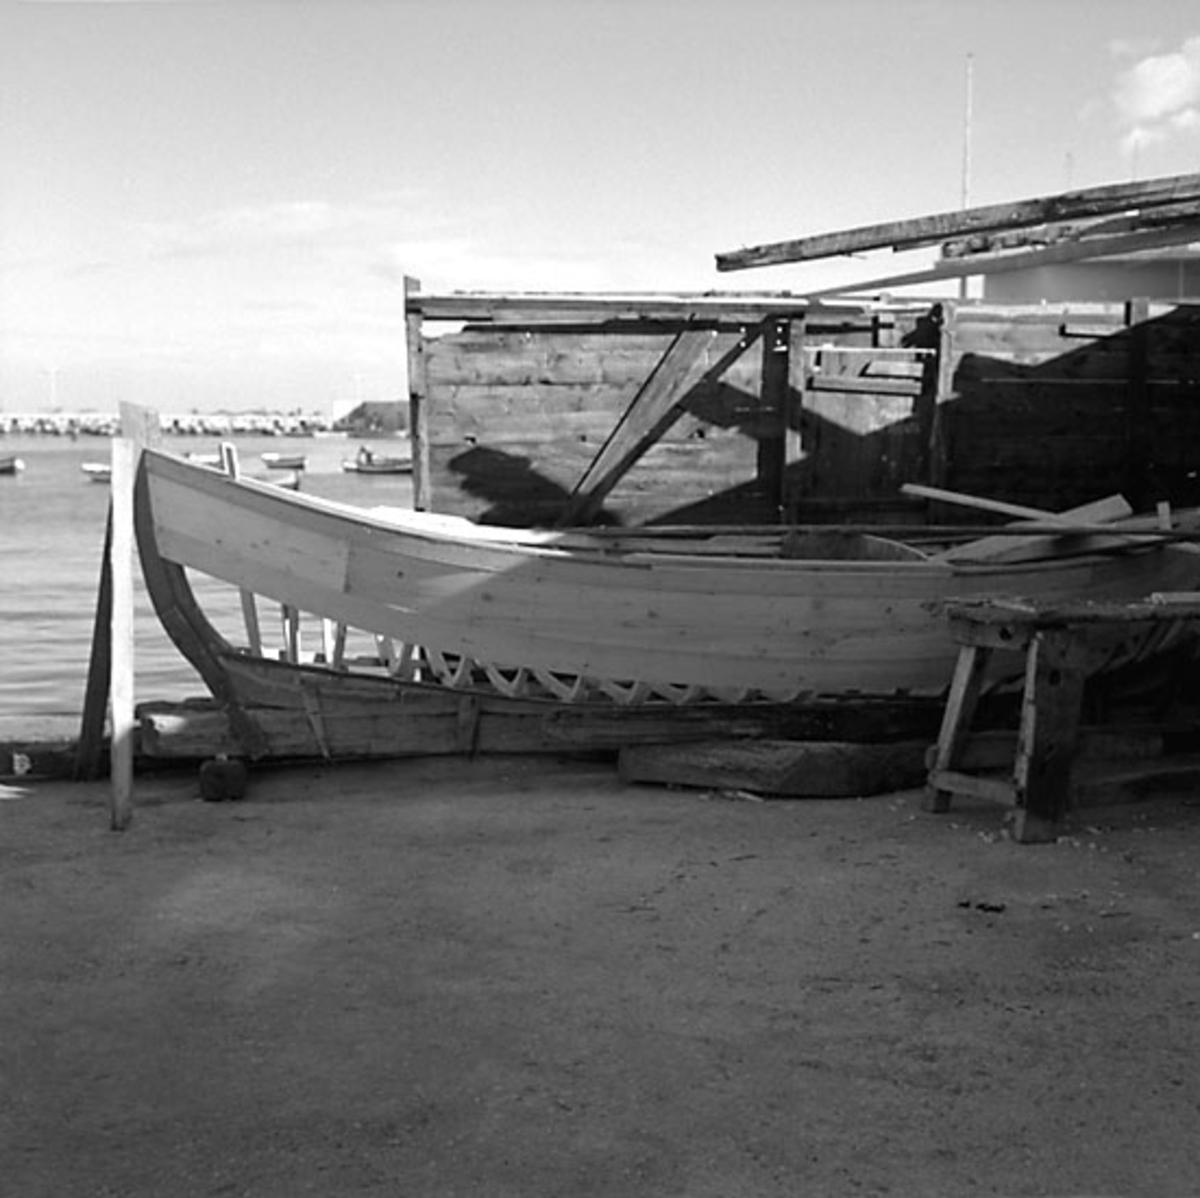 18. Italien. Fotojournal finns på B.M.A. + fotoalbum. Samtidigt förvärv: Böcker och arkivmaterial. Foton tagna mellan 1959-10-29 och 1959-10-30. 12 Bilder i serie.